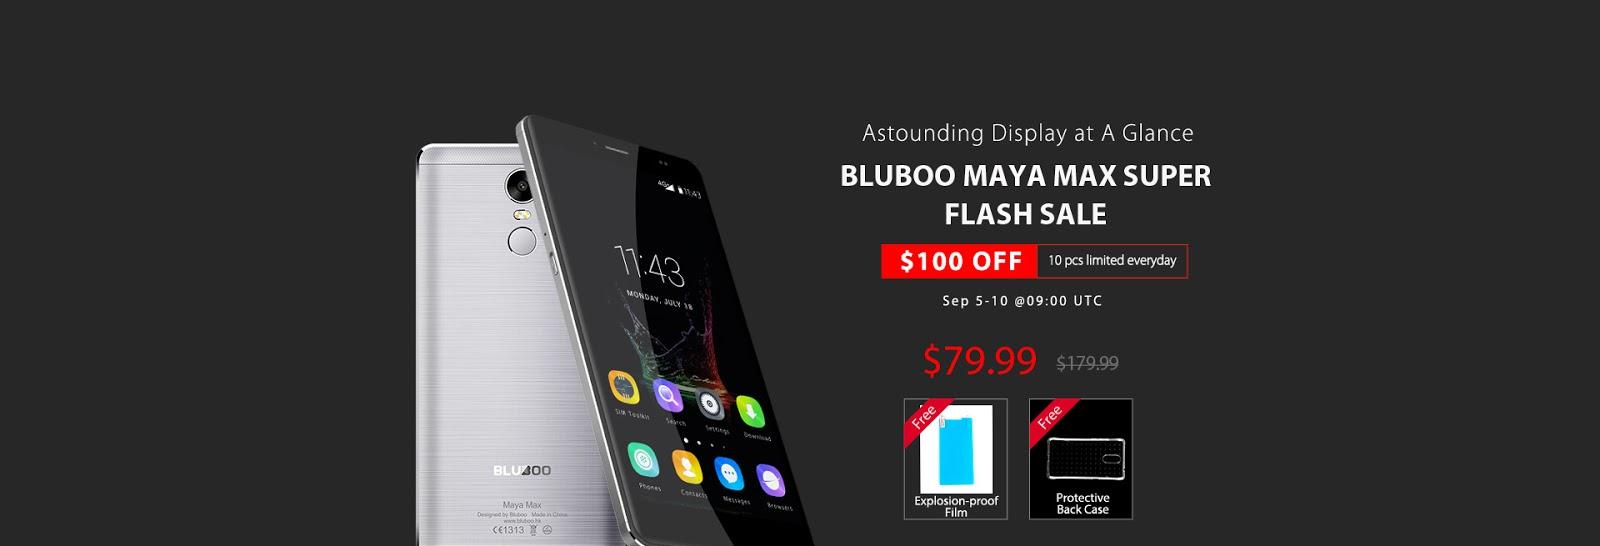 Bluboo Maya Max prezzo scontato di 100$ fino al 10 Settembre: le caratteristiche